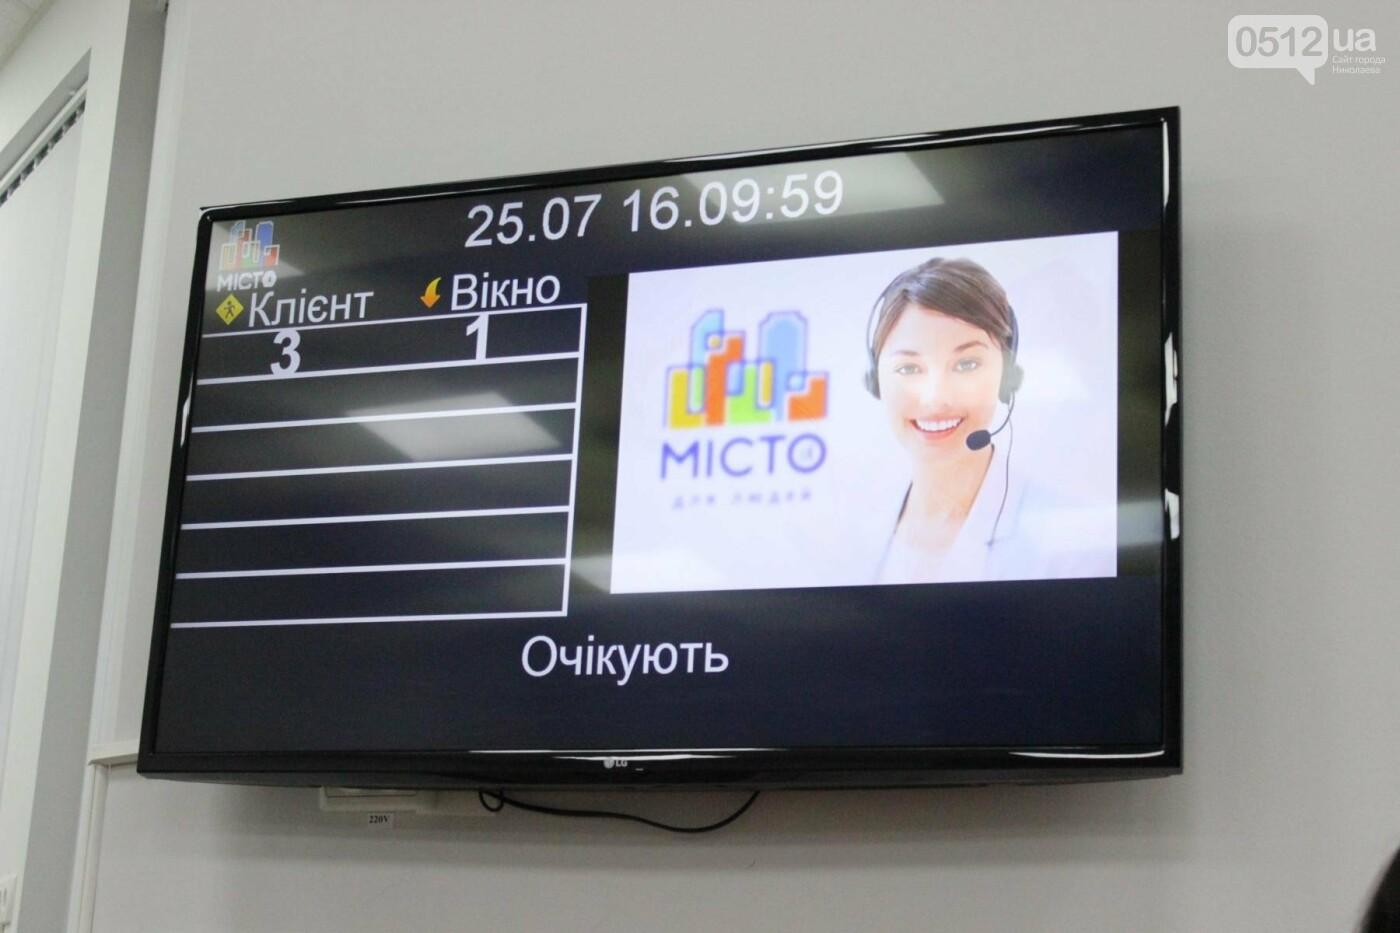 Компания, победившая на обслуживание ряда домов Николаева, презентовала свою работу в Запорожье, - ФОТО, ВИДЕО, фото-5